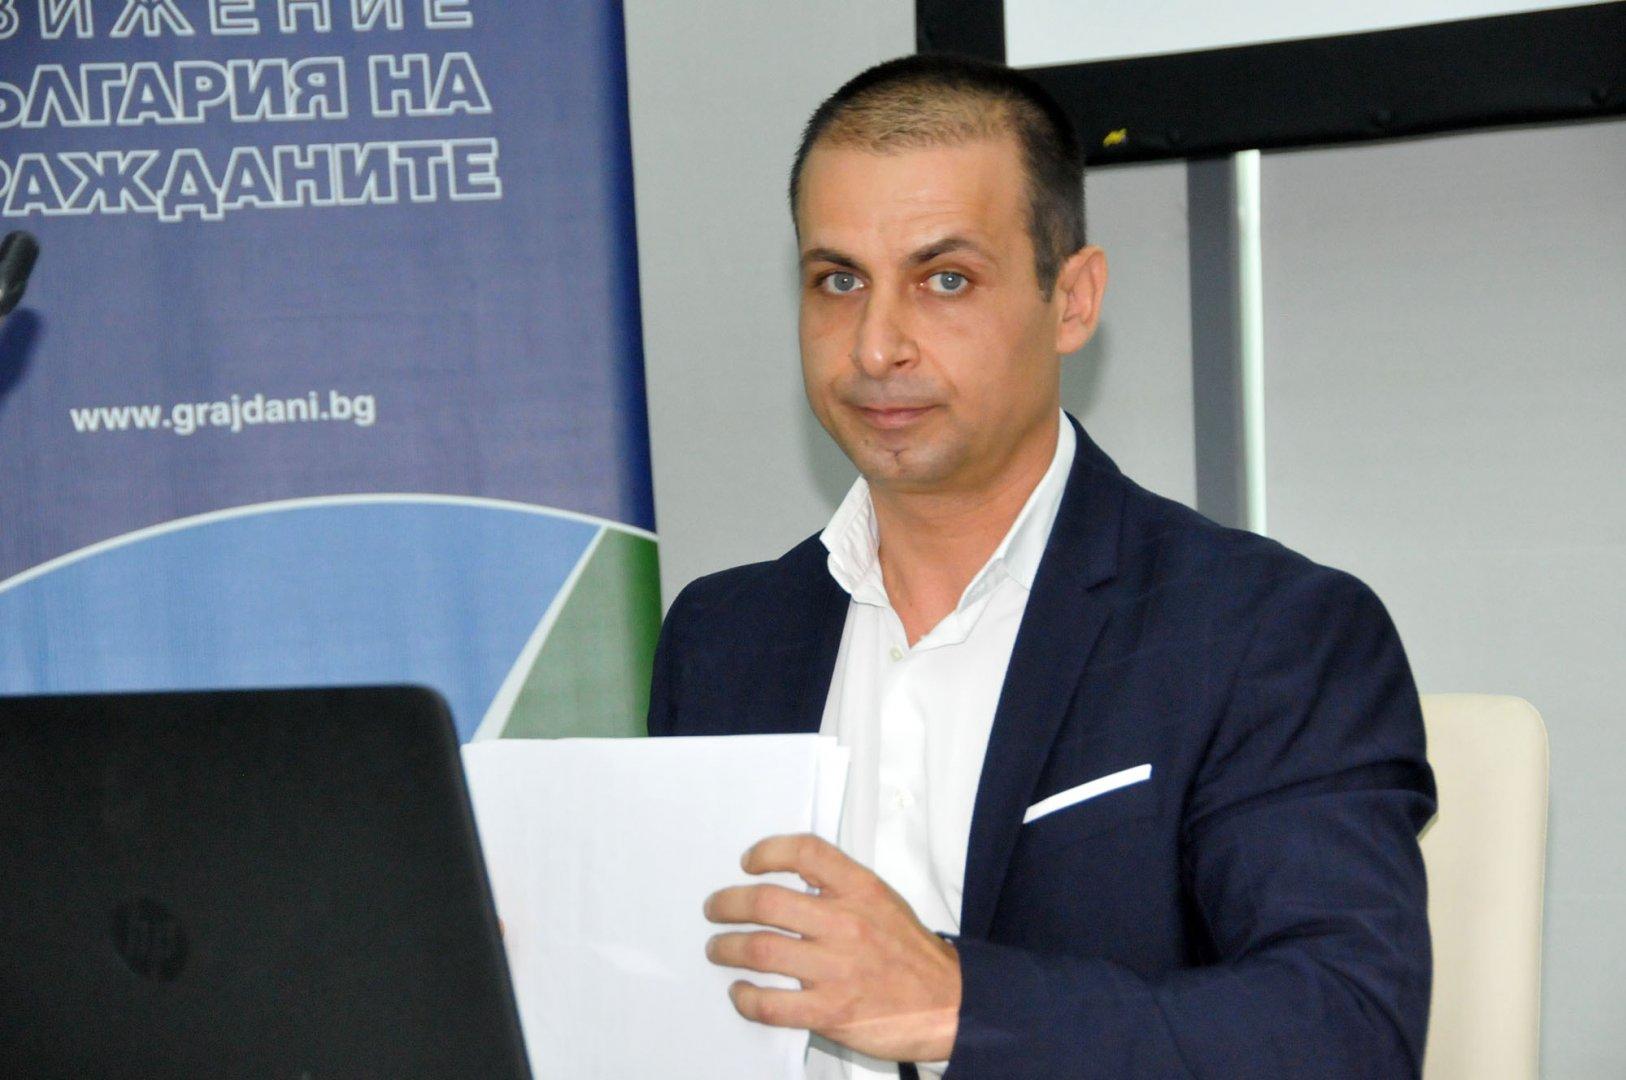 В Бургас ДБГ издига за кмет общинския съветник Живко Табаков. Снимка Лина Главинова